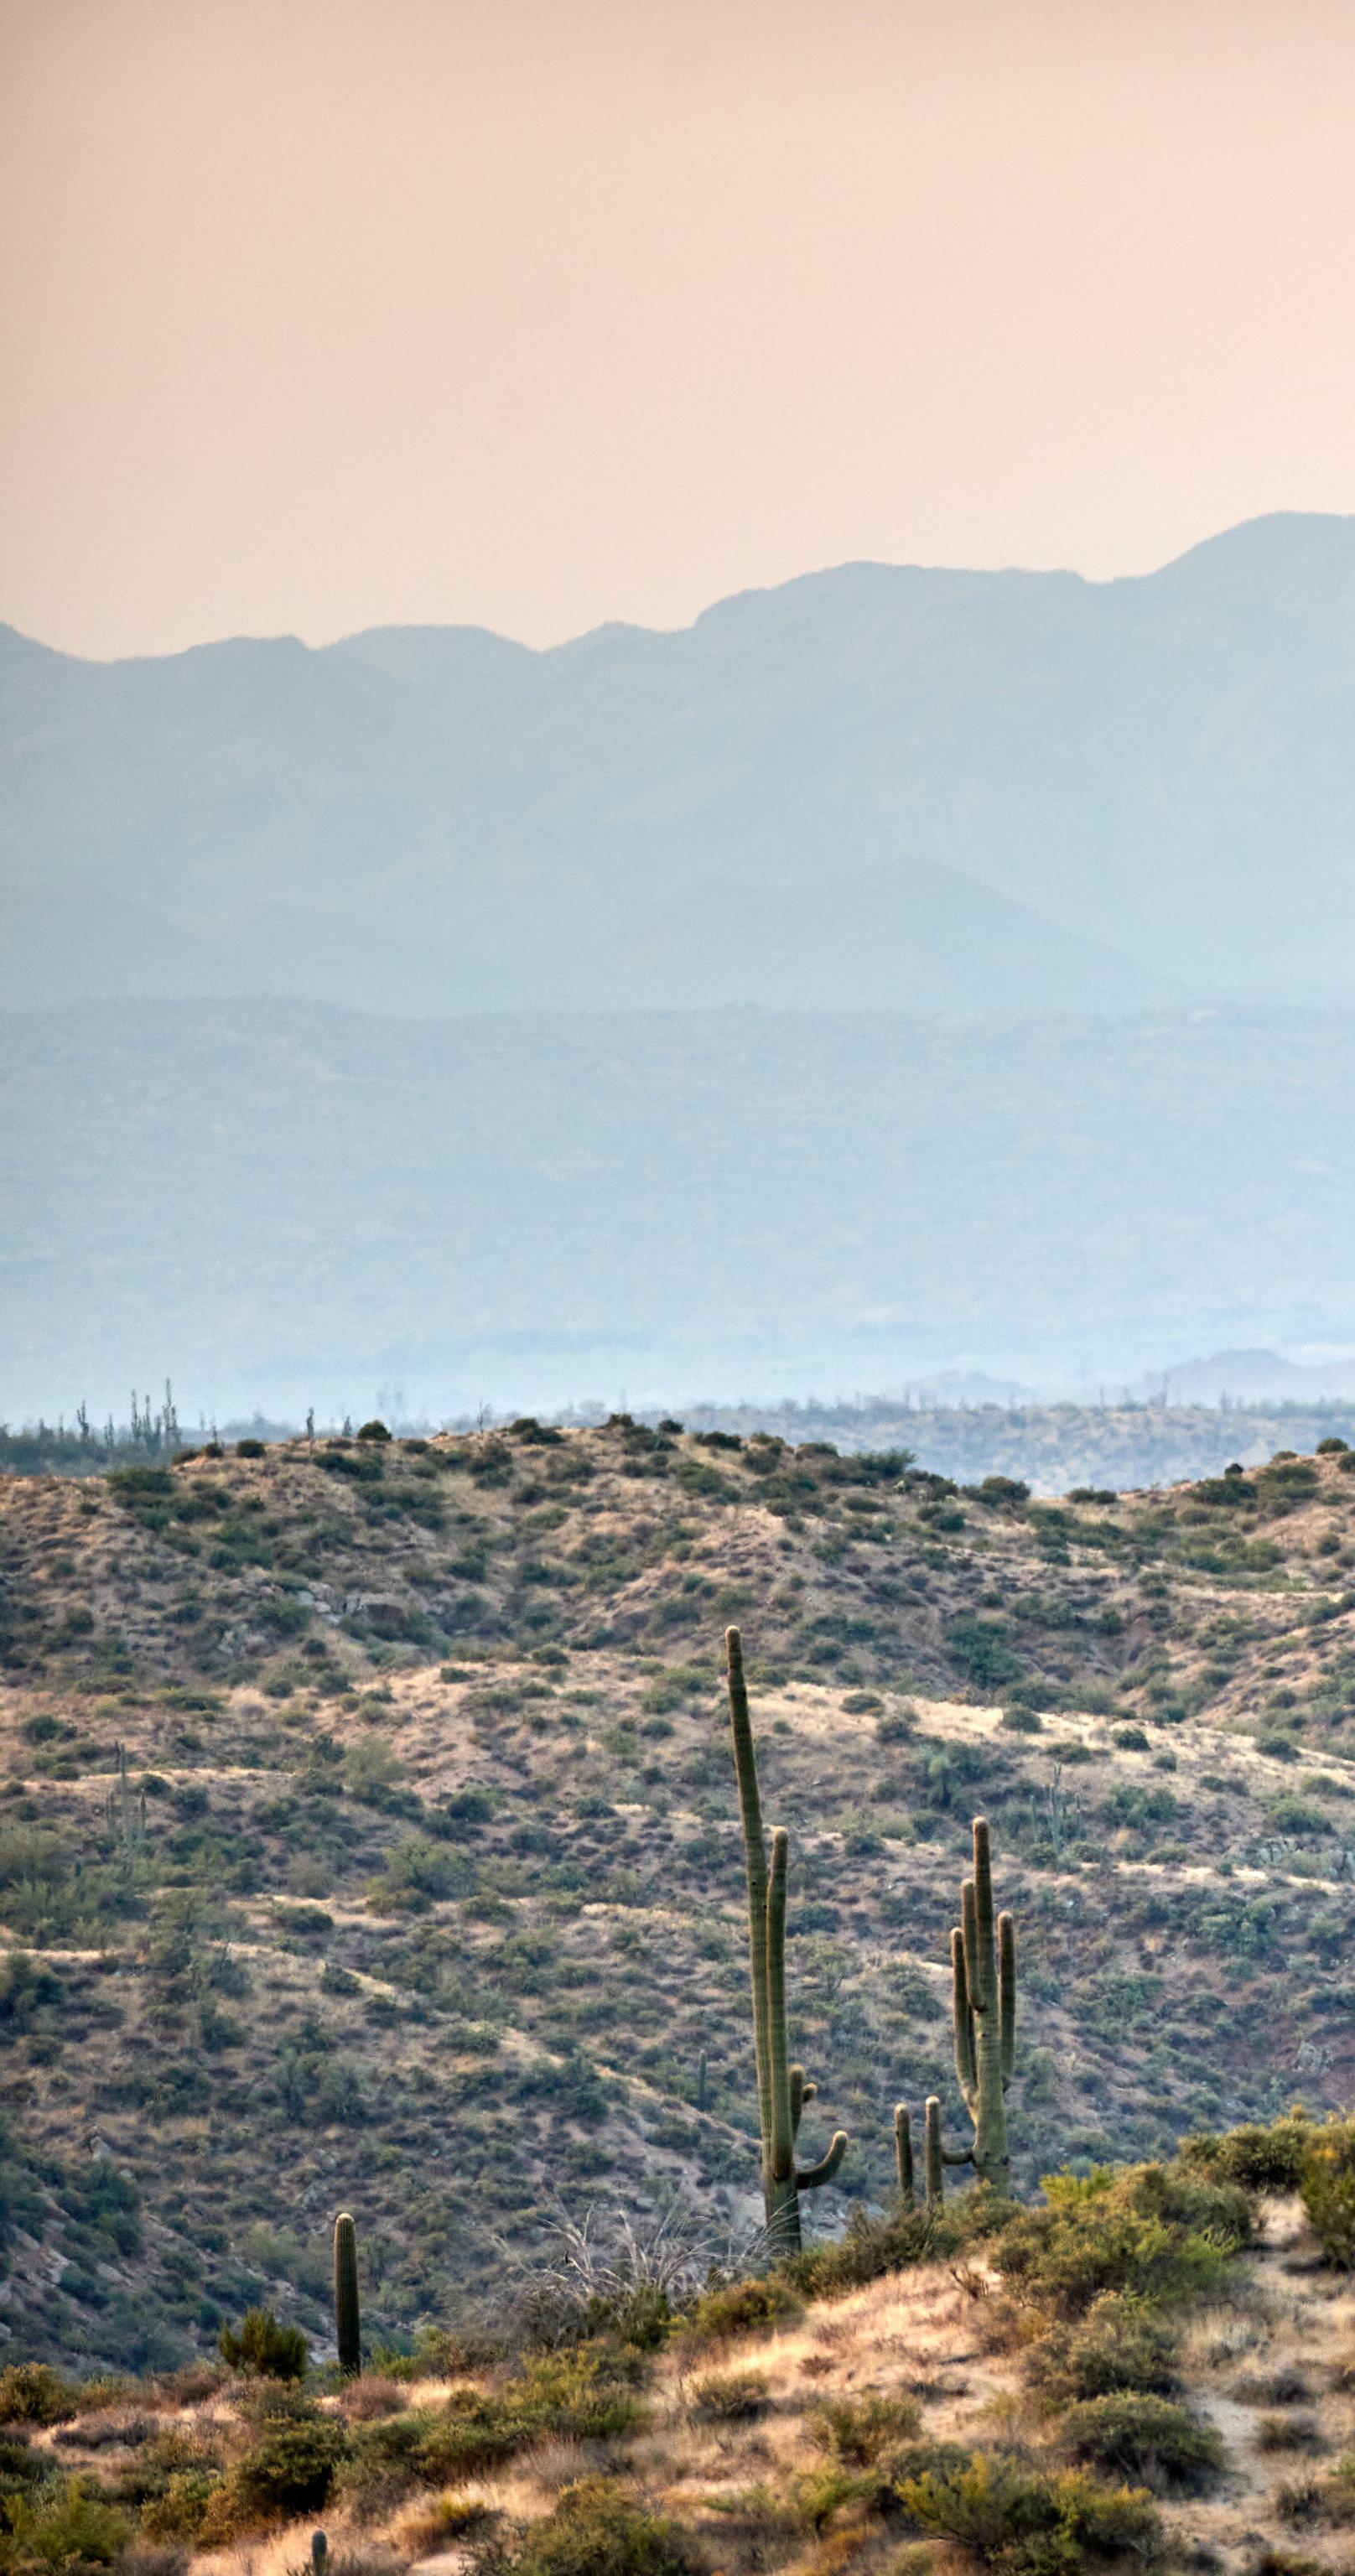 152641 descargar fondo de pantalla Naturaleza, Pradera, Las Colinas, Colinas, Hierba, Arbusto, Cactus: protectores de pantalla e imágenes gratis